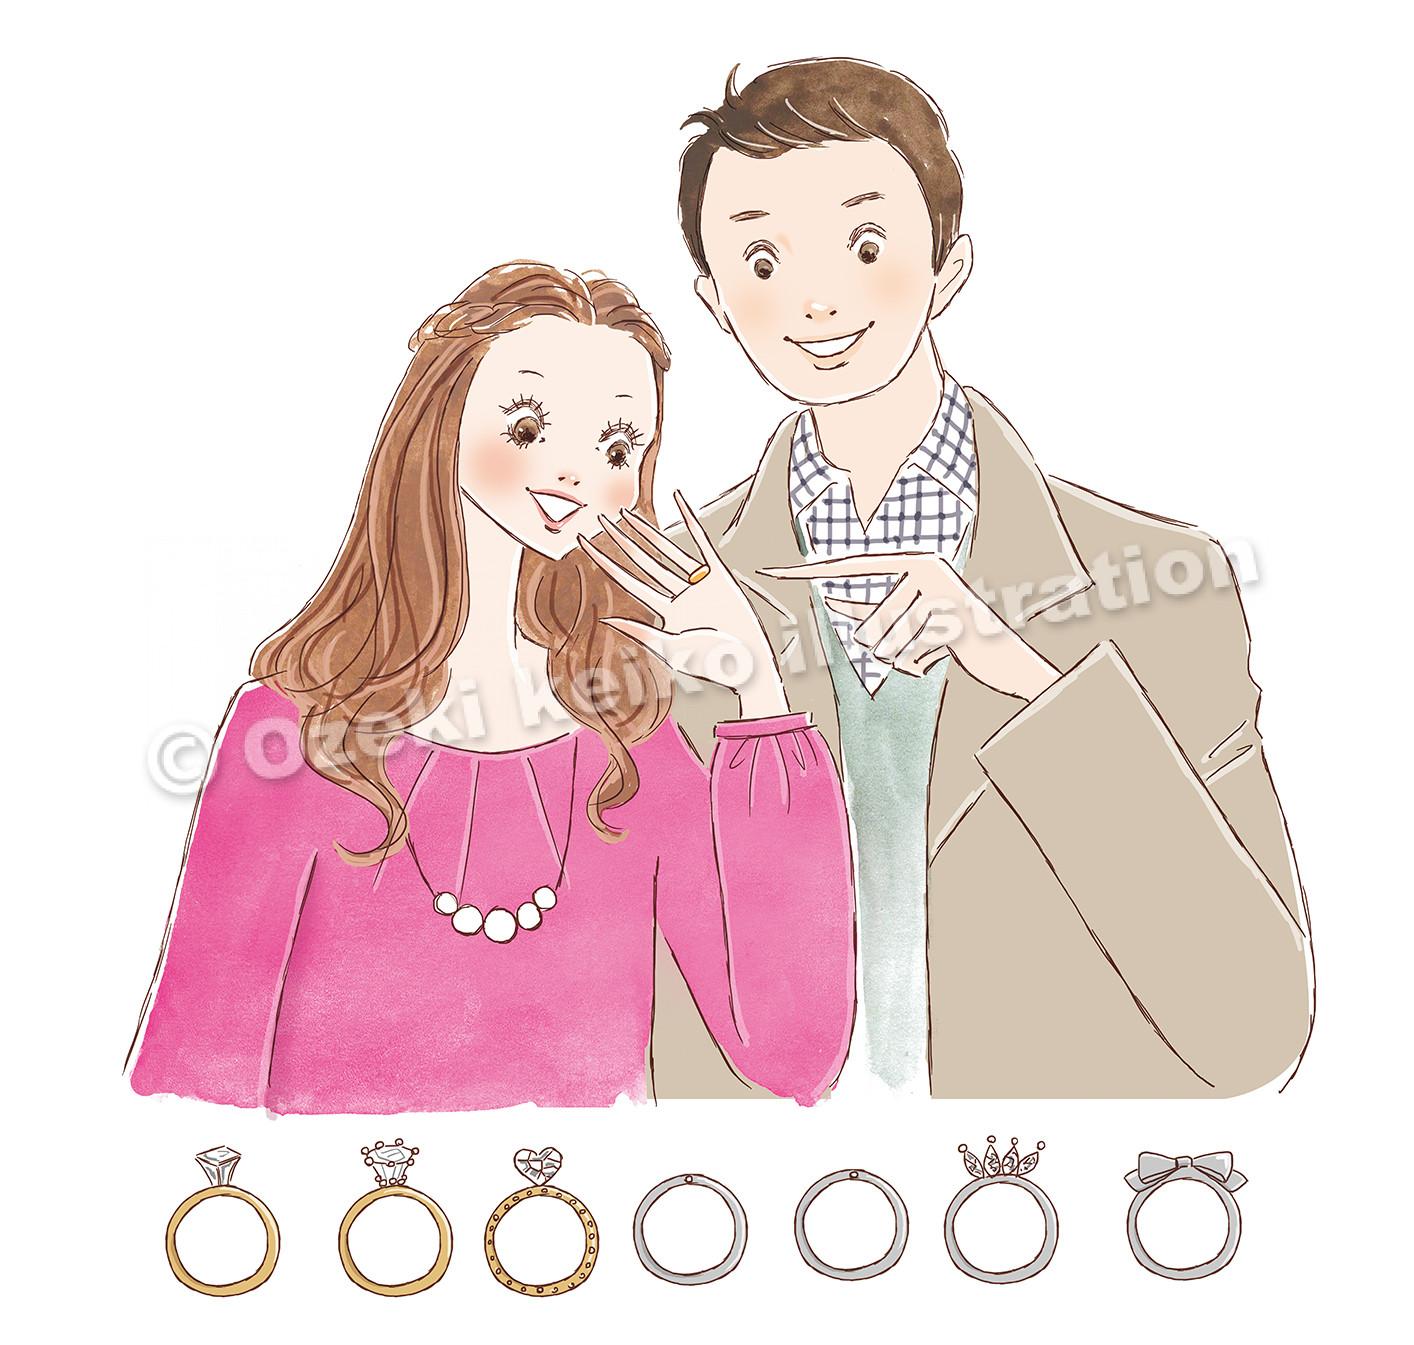 指輪を選ぶカップルイラスト